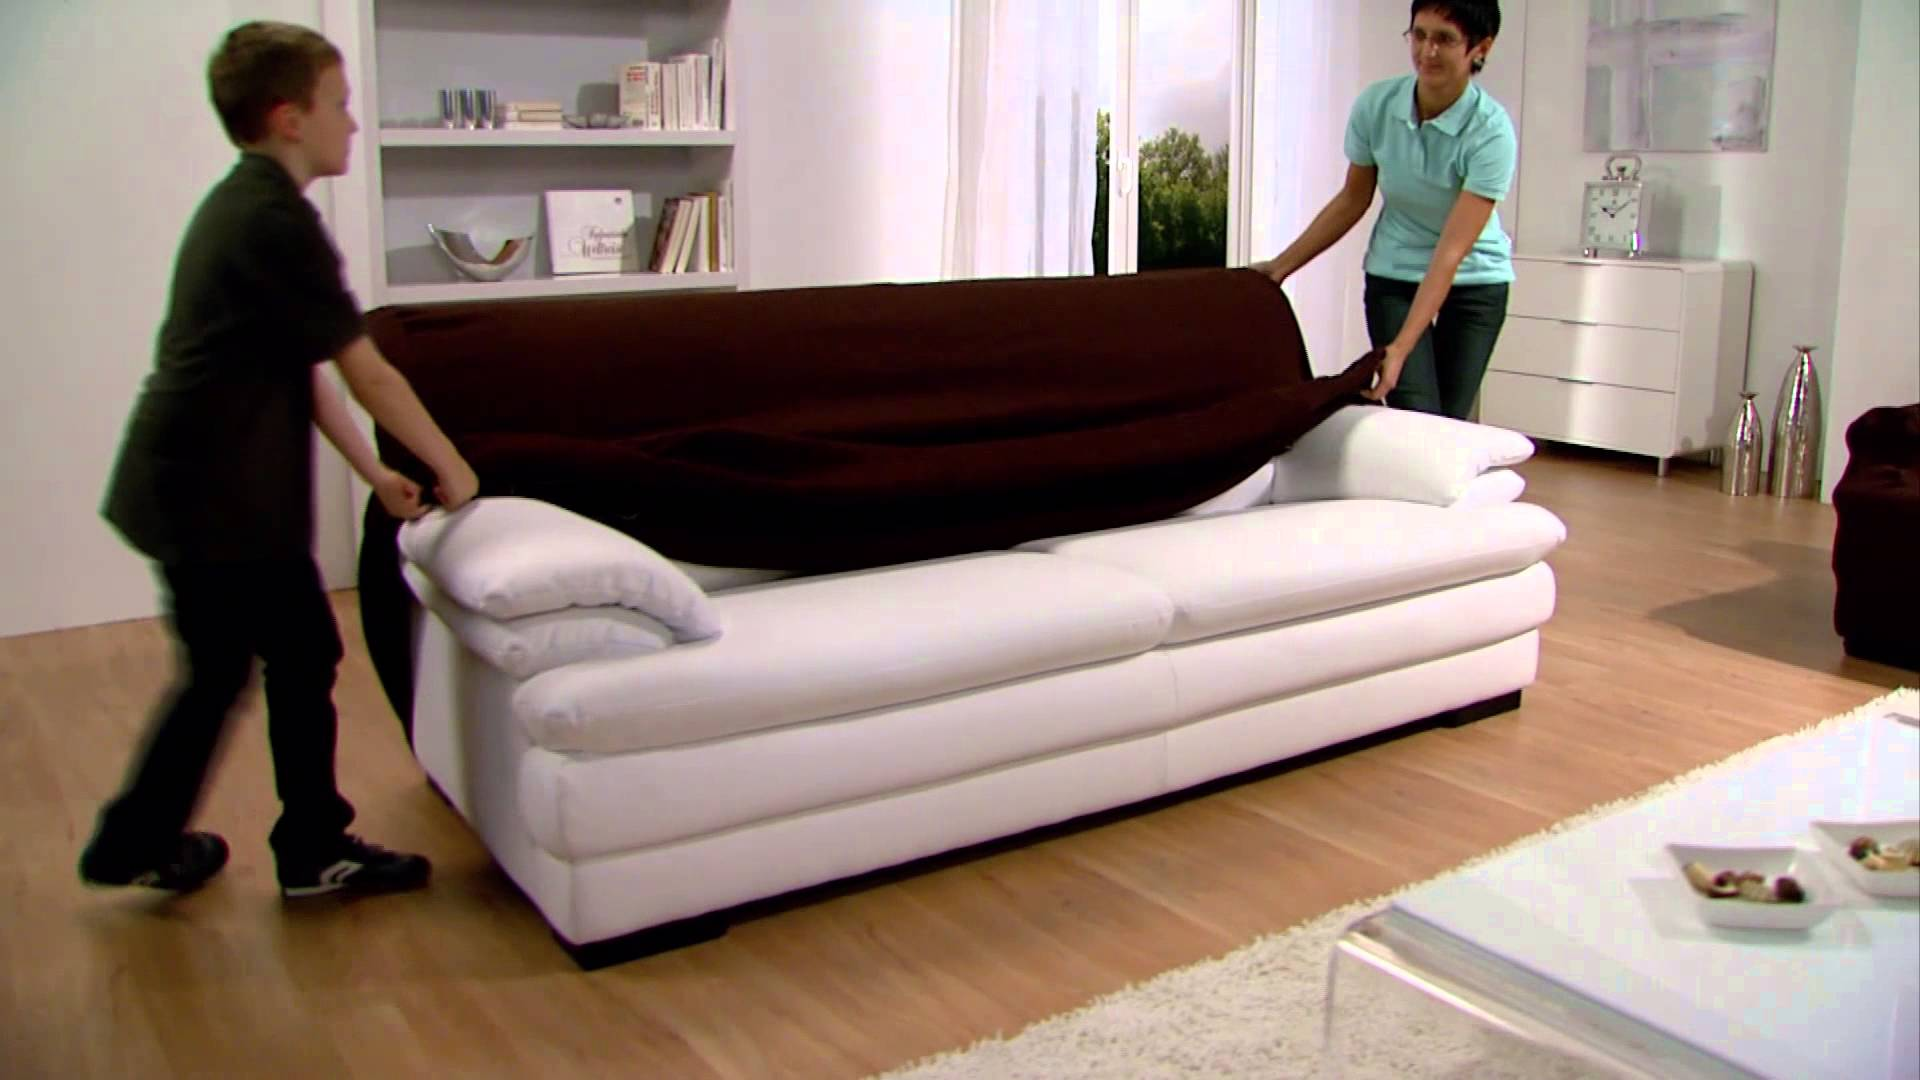 Full Size of Couch Ausklappbar Hussen Sofa Grau Tomelilla 3 Sitzer Sofabezug Nicht Ausklappbares Bett Wohnzimmer Couch Ausklappbar